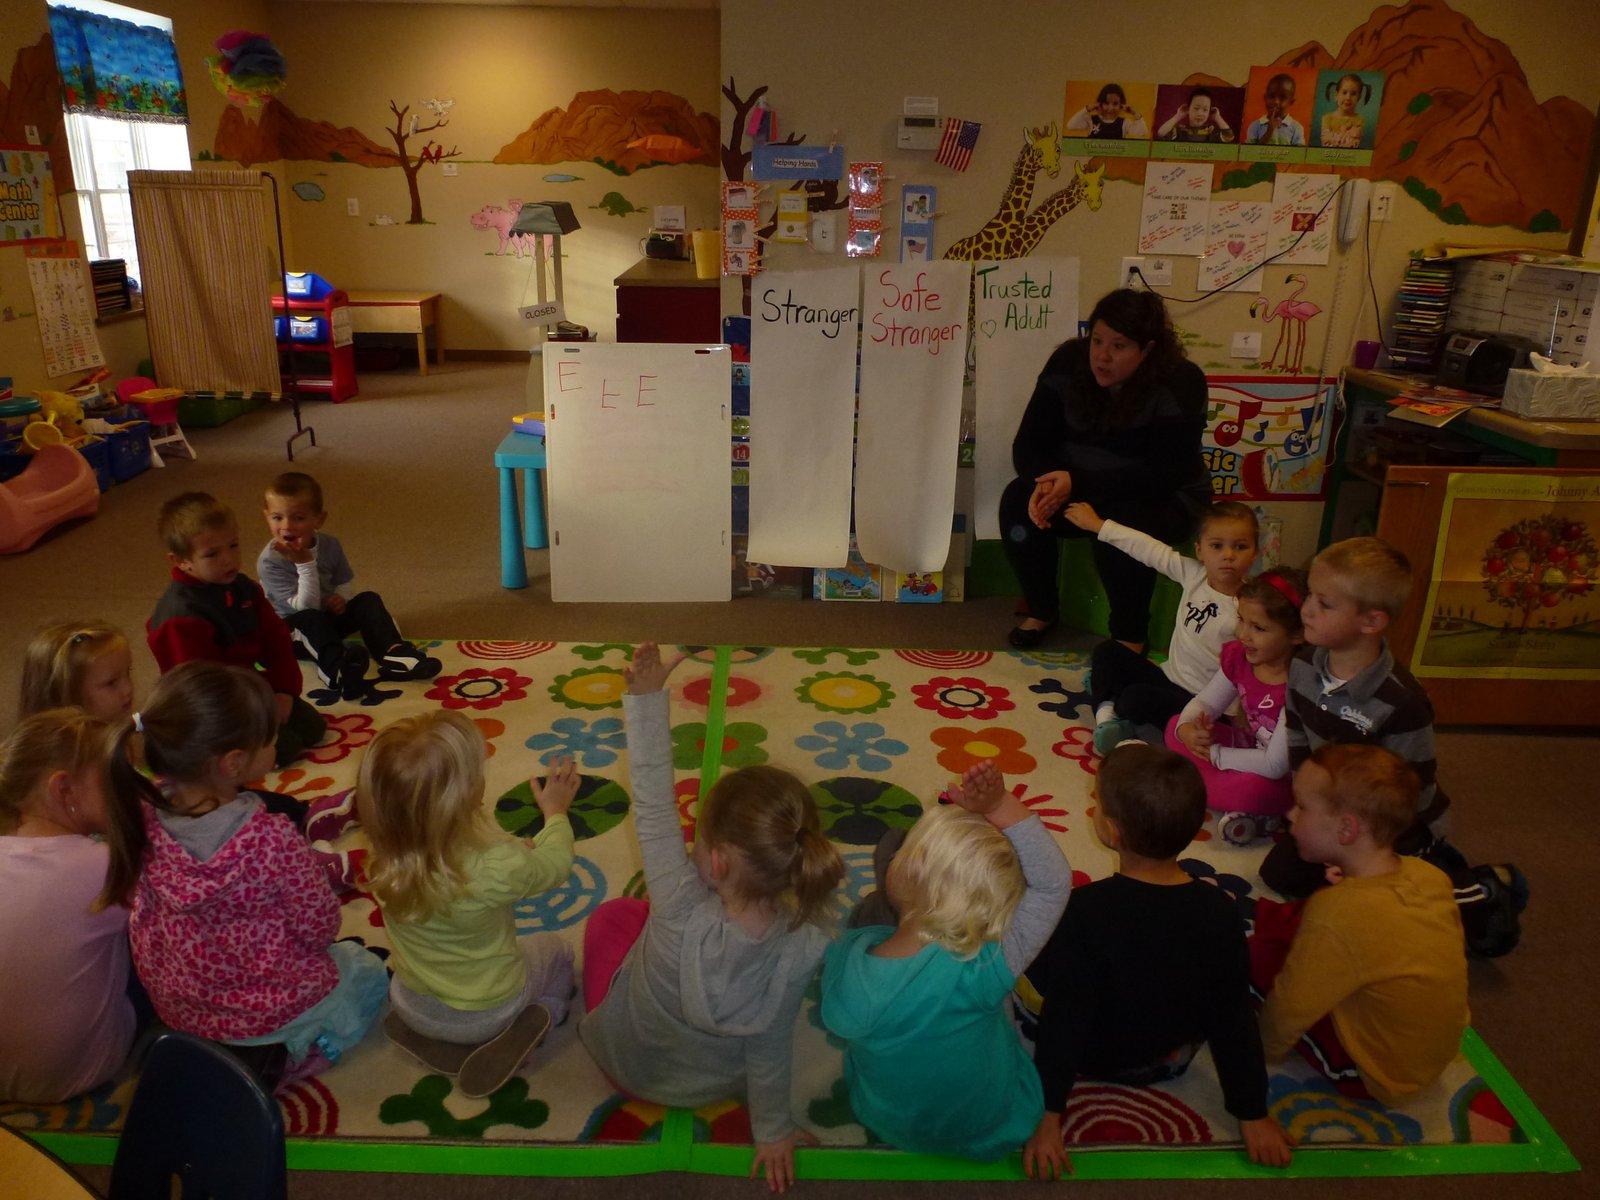 Ms Hollie S Preschool Stranger Danger